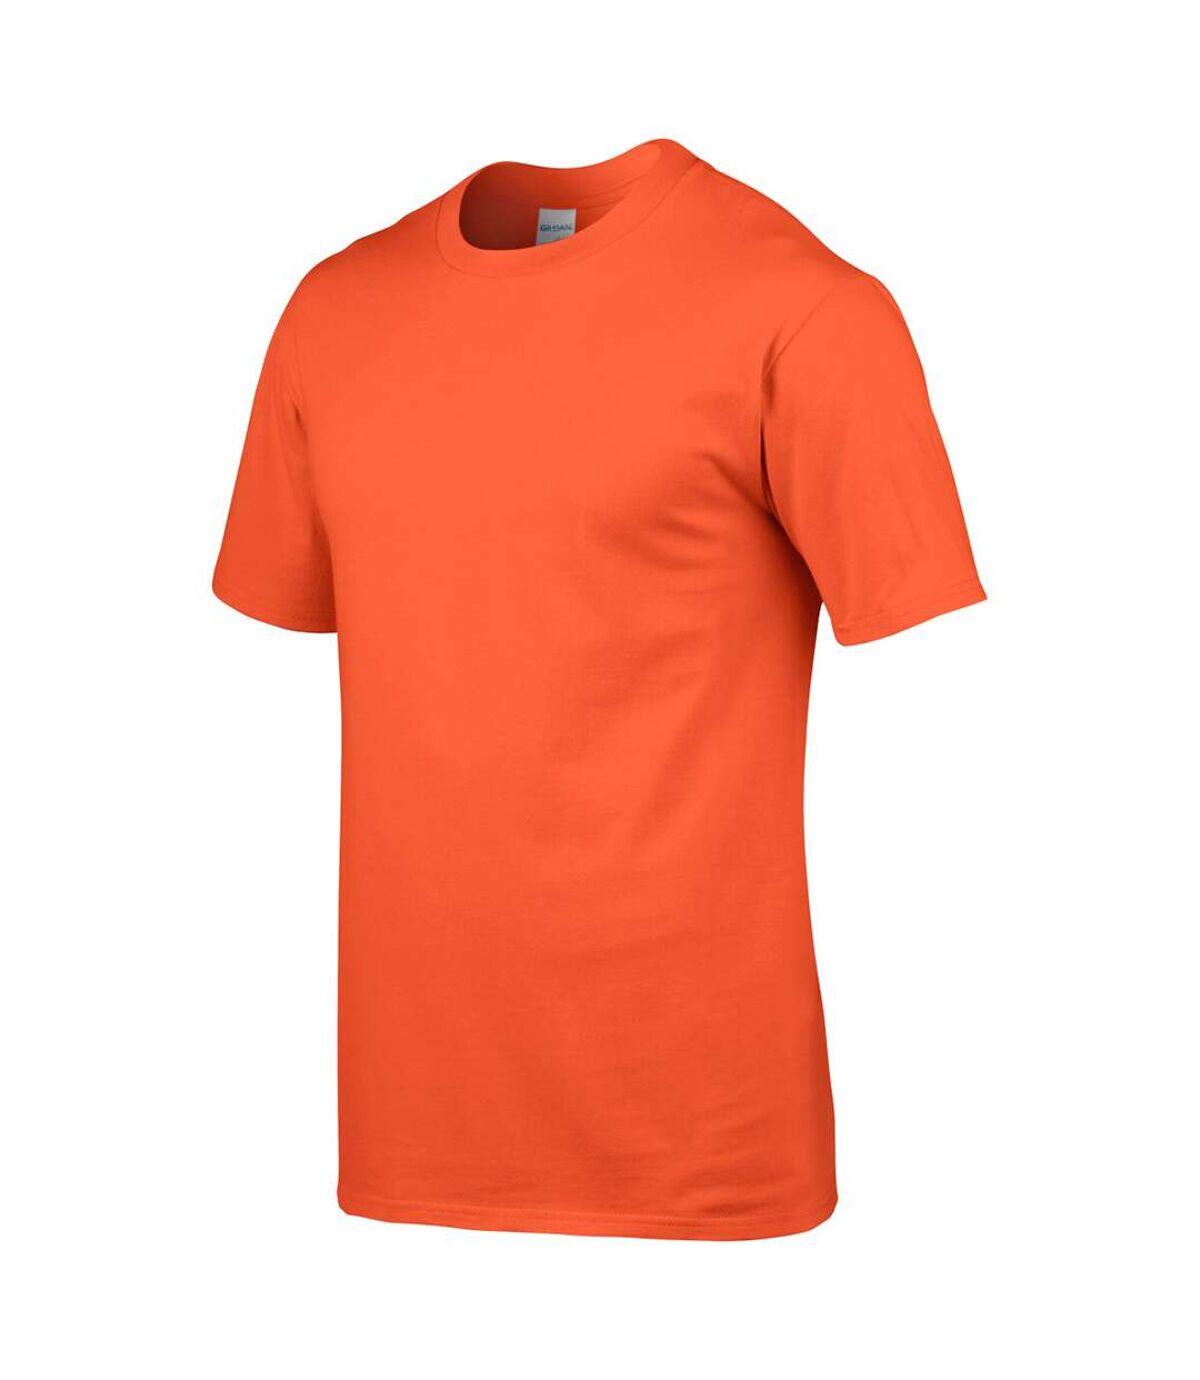 Gildan - T-shirt à manches courtes - Homme (Jaune) - UTBC480